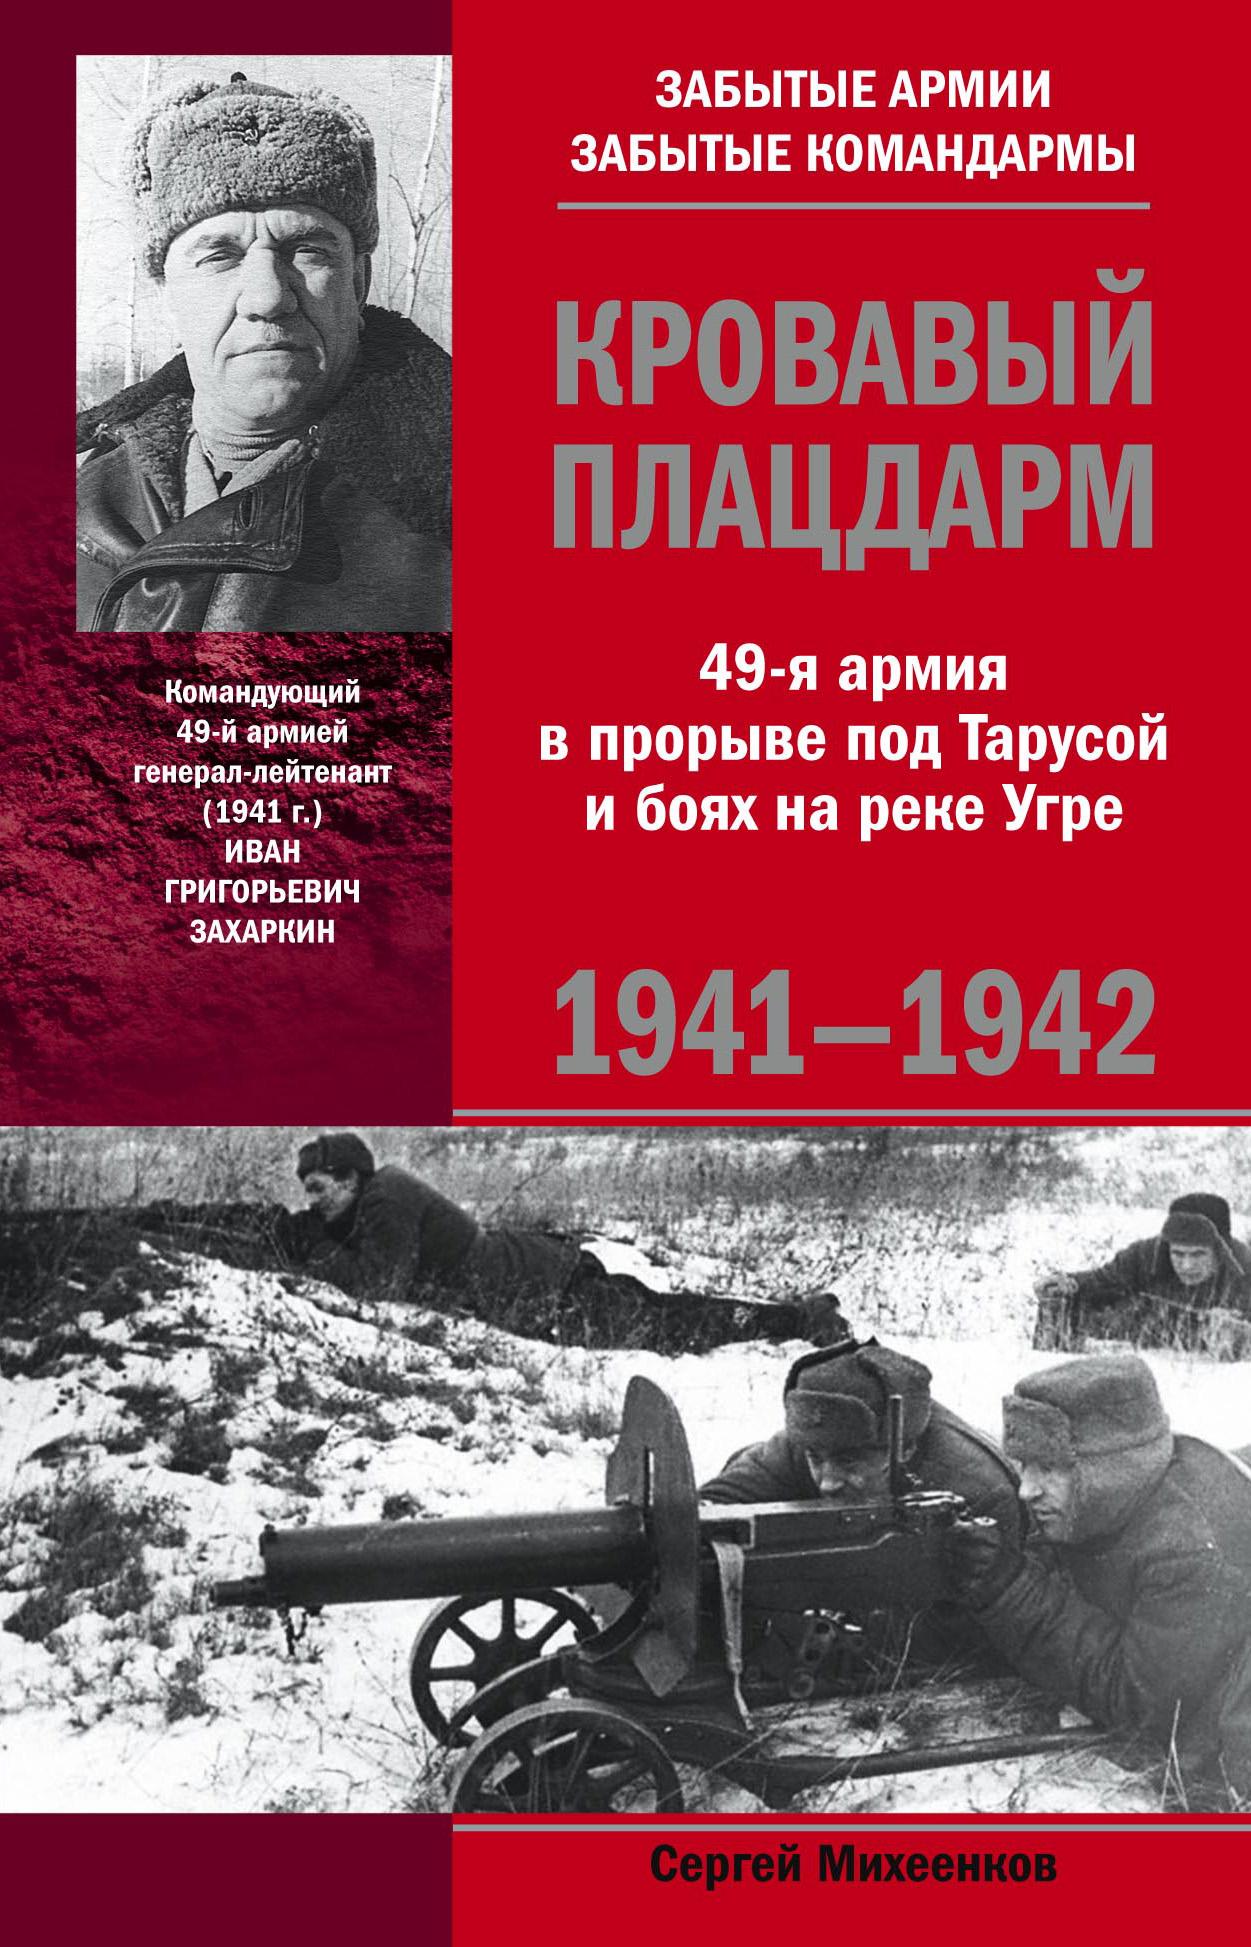 Сергей Михеенков Кровавый плацдарм. 49-я армия в прорыве под Тарусой и боях на реке Угре. 1941-1942 поворот под москвой